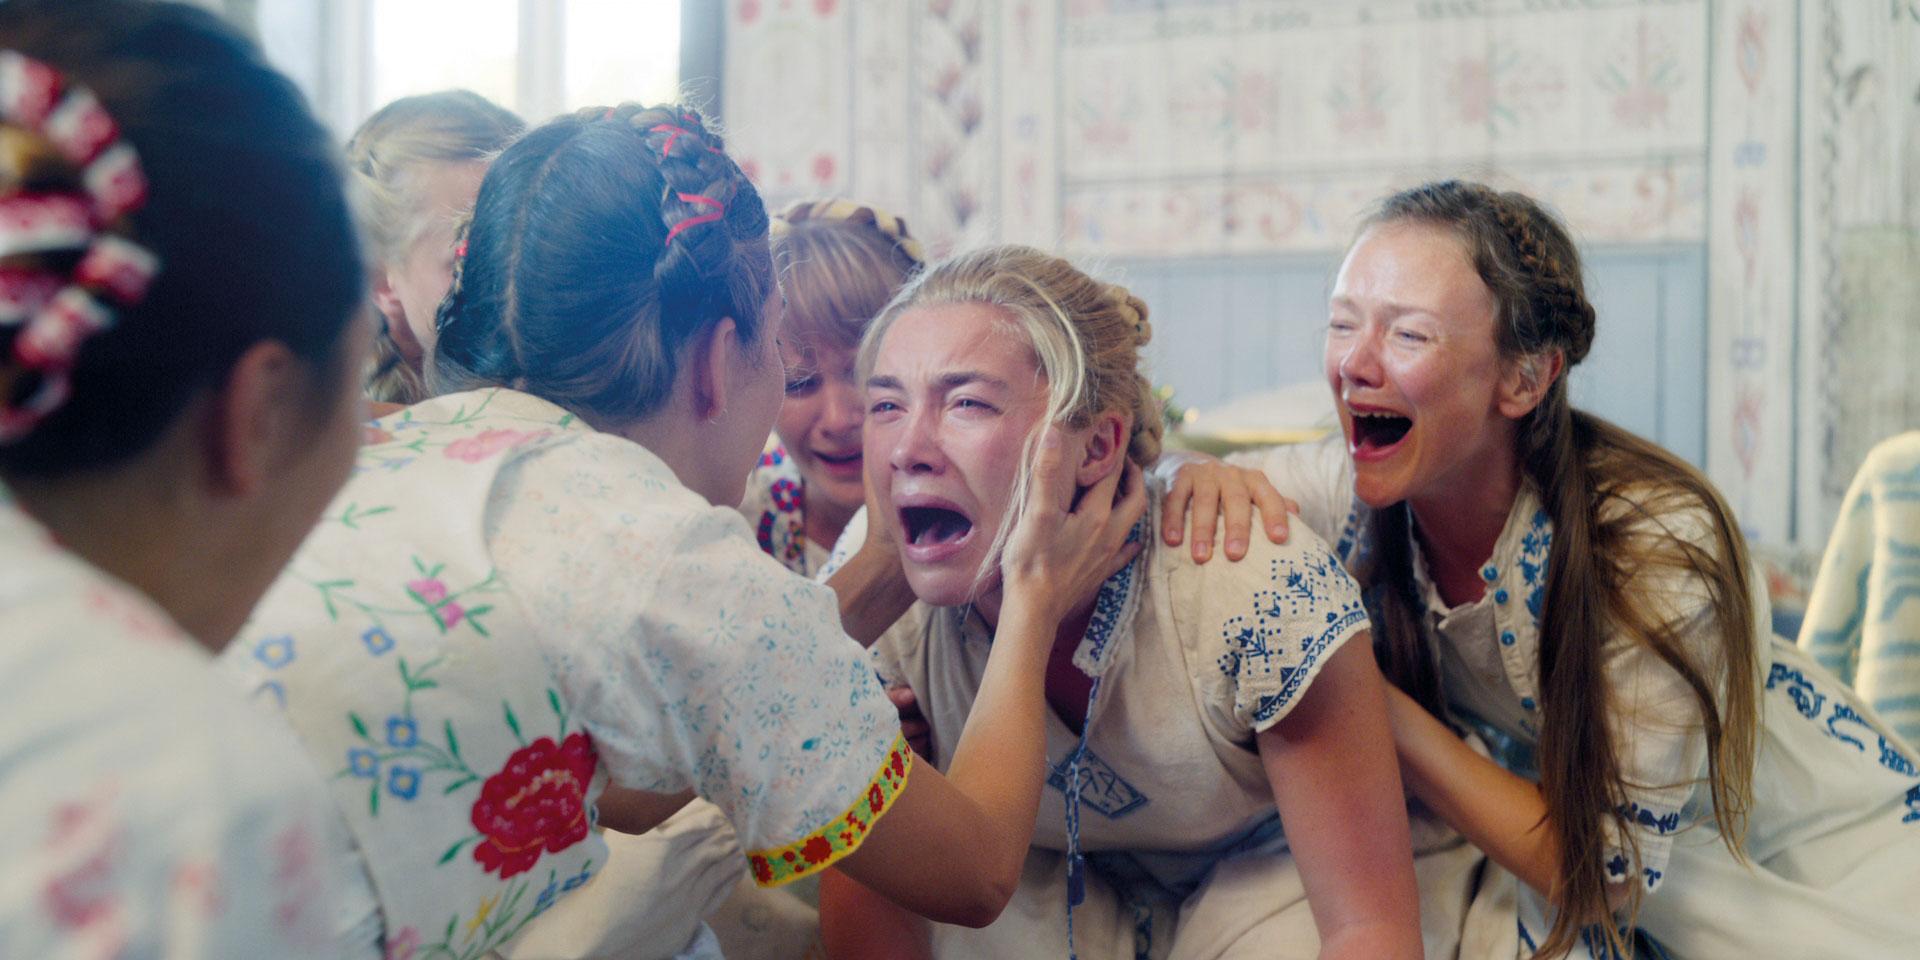 Kino-Highlights Filmtipps Midsommar